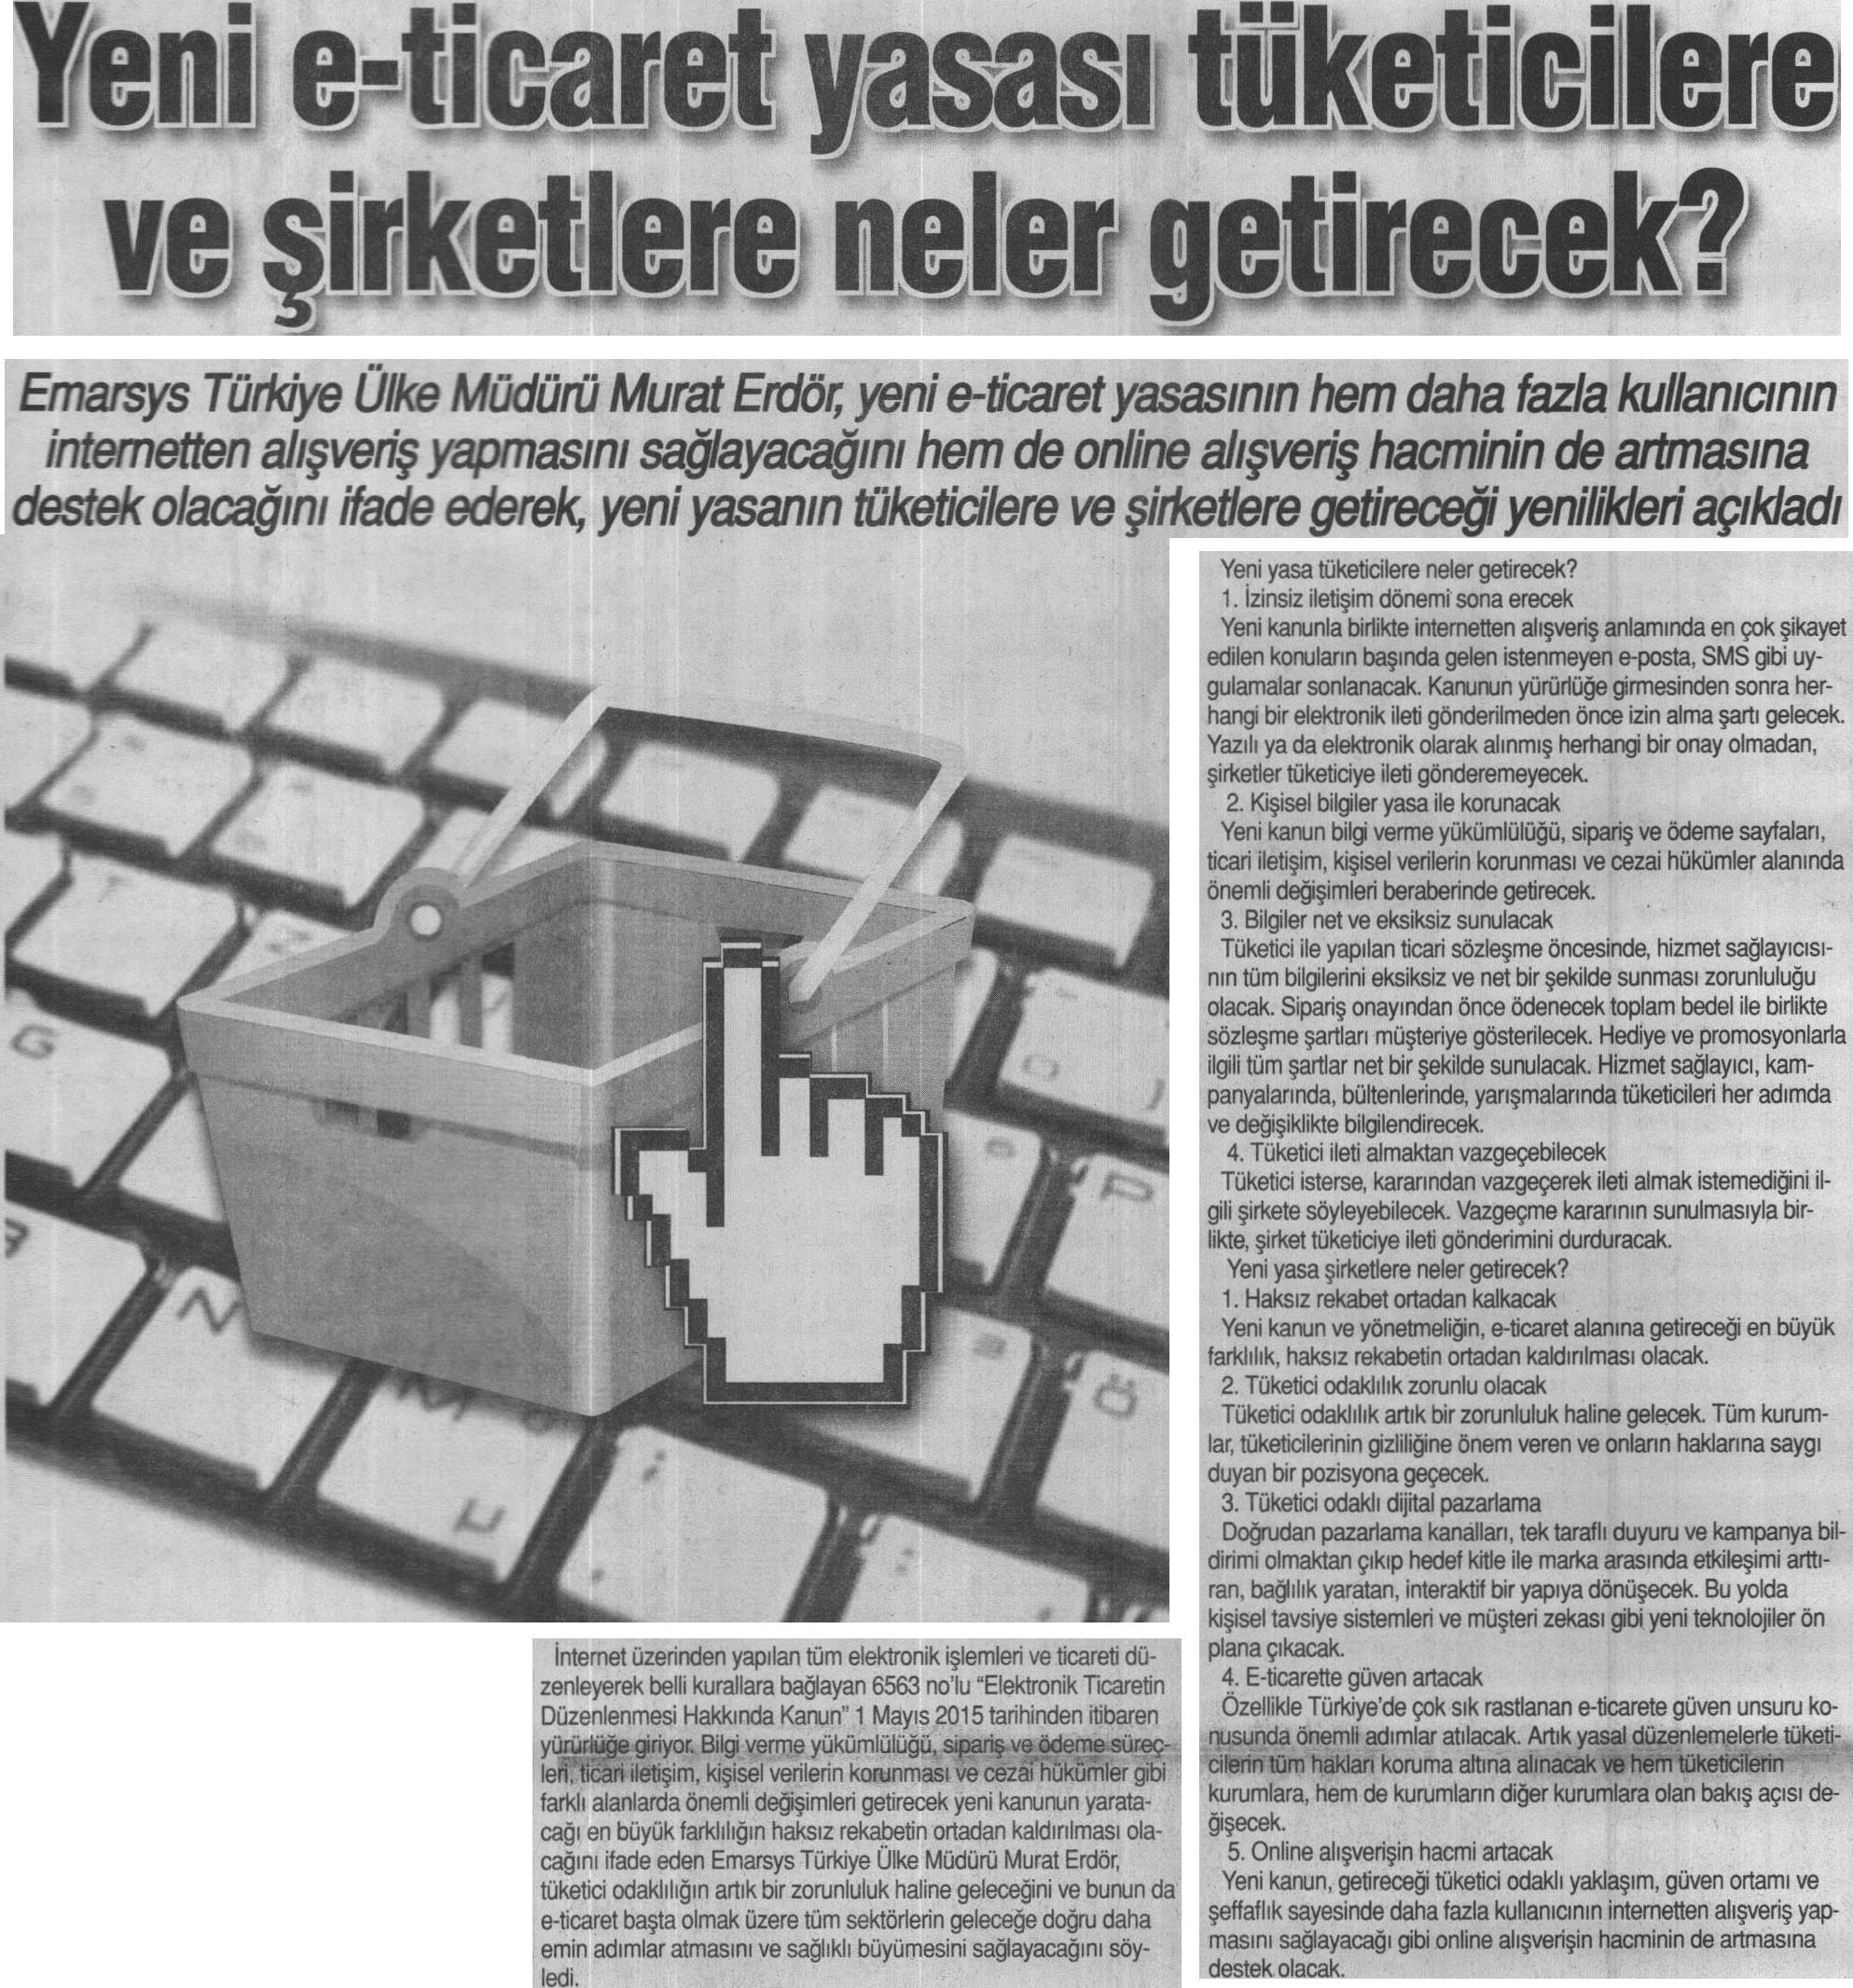 53 - Tünaydın Gazetesi_muraterdor.com_13.4.2015